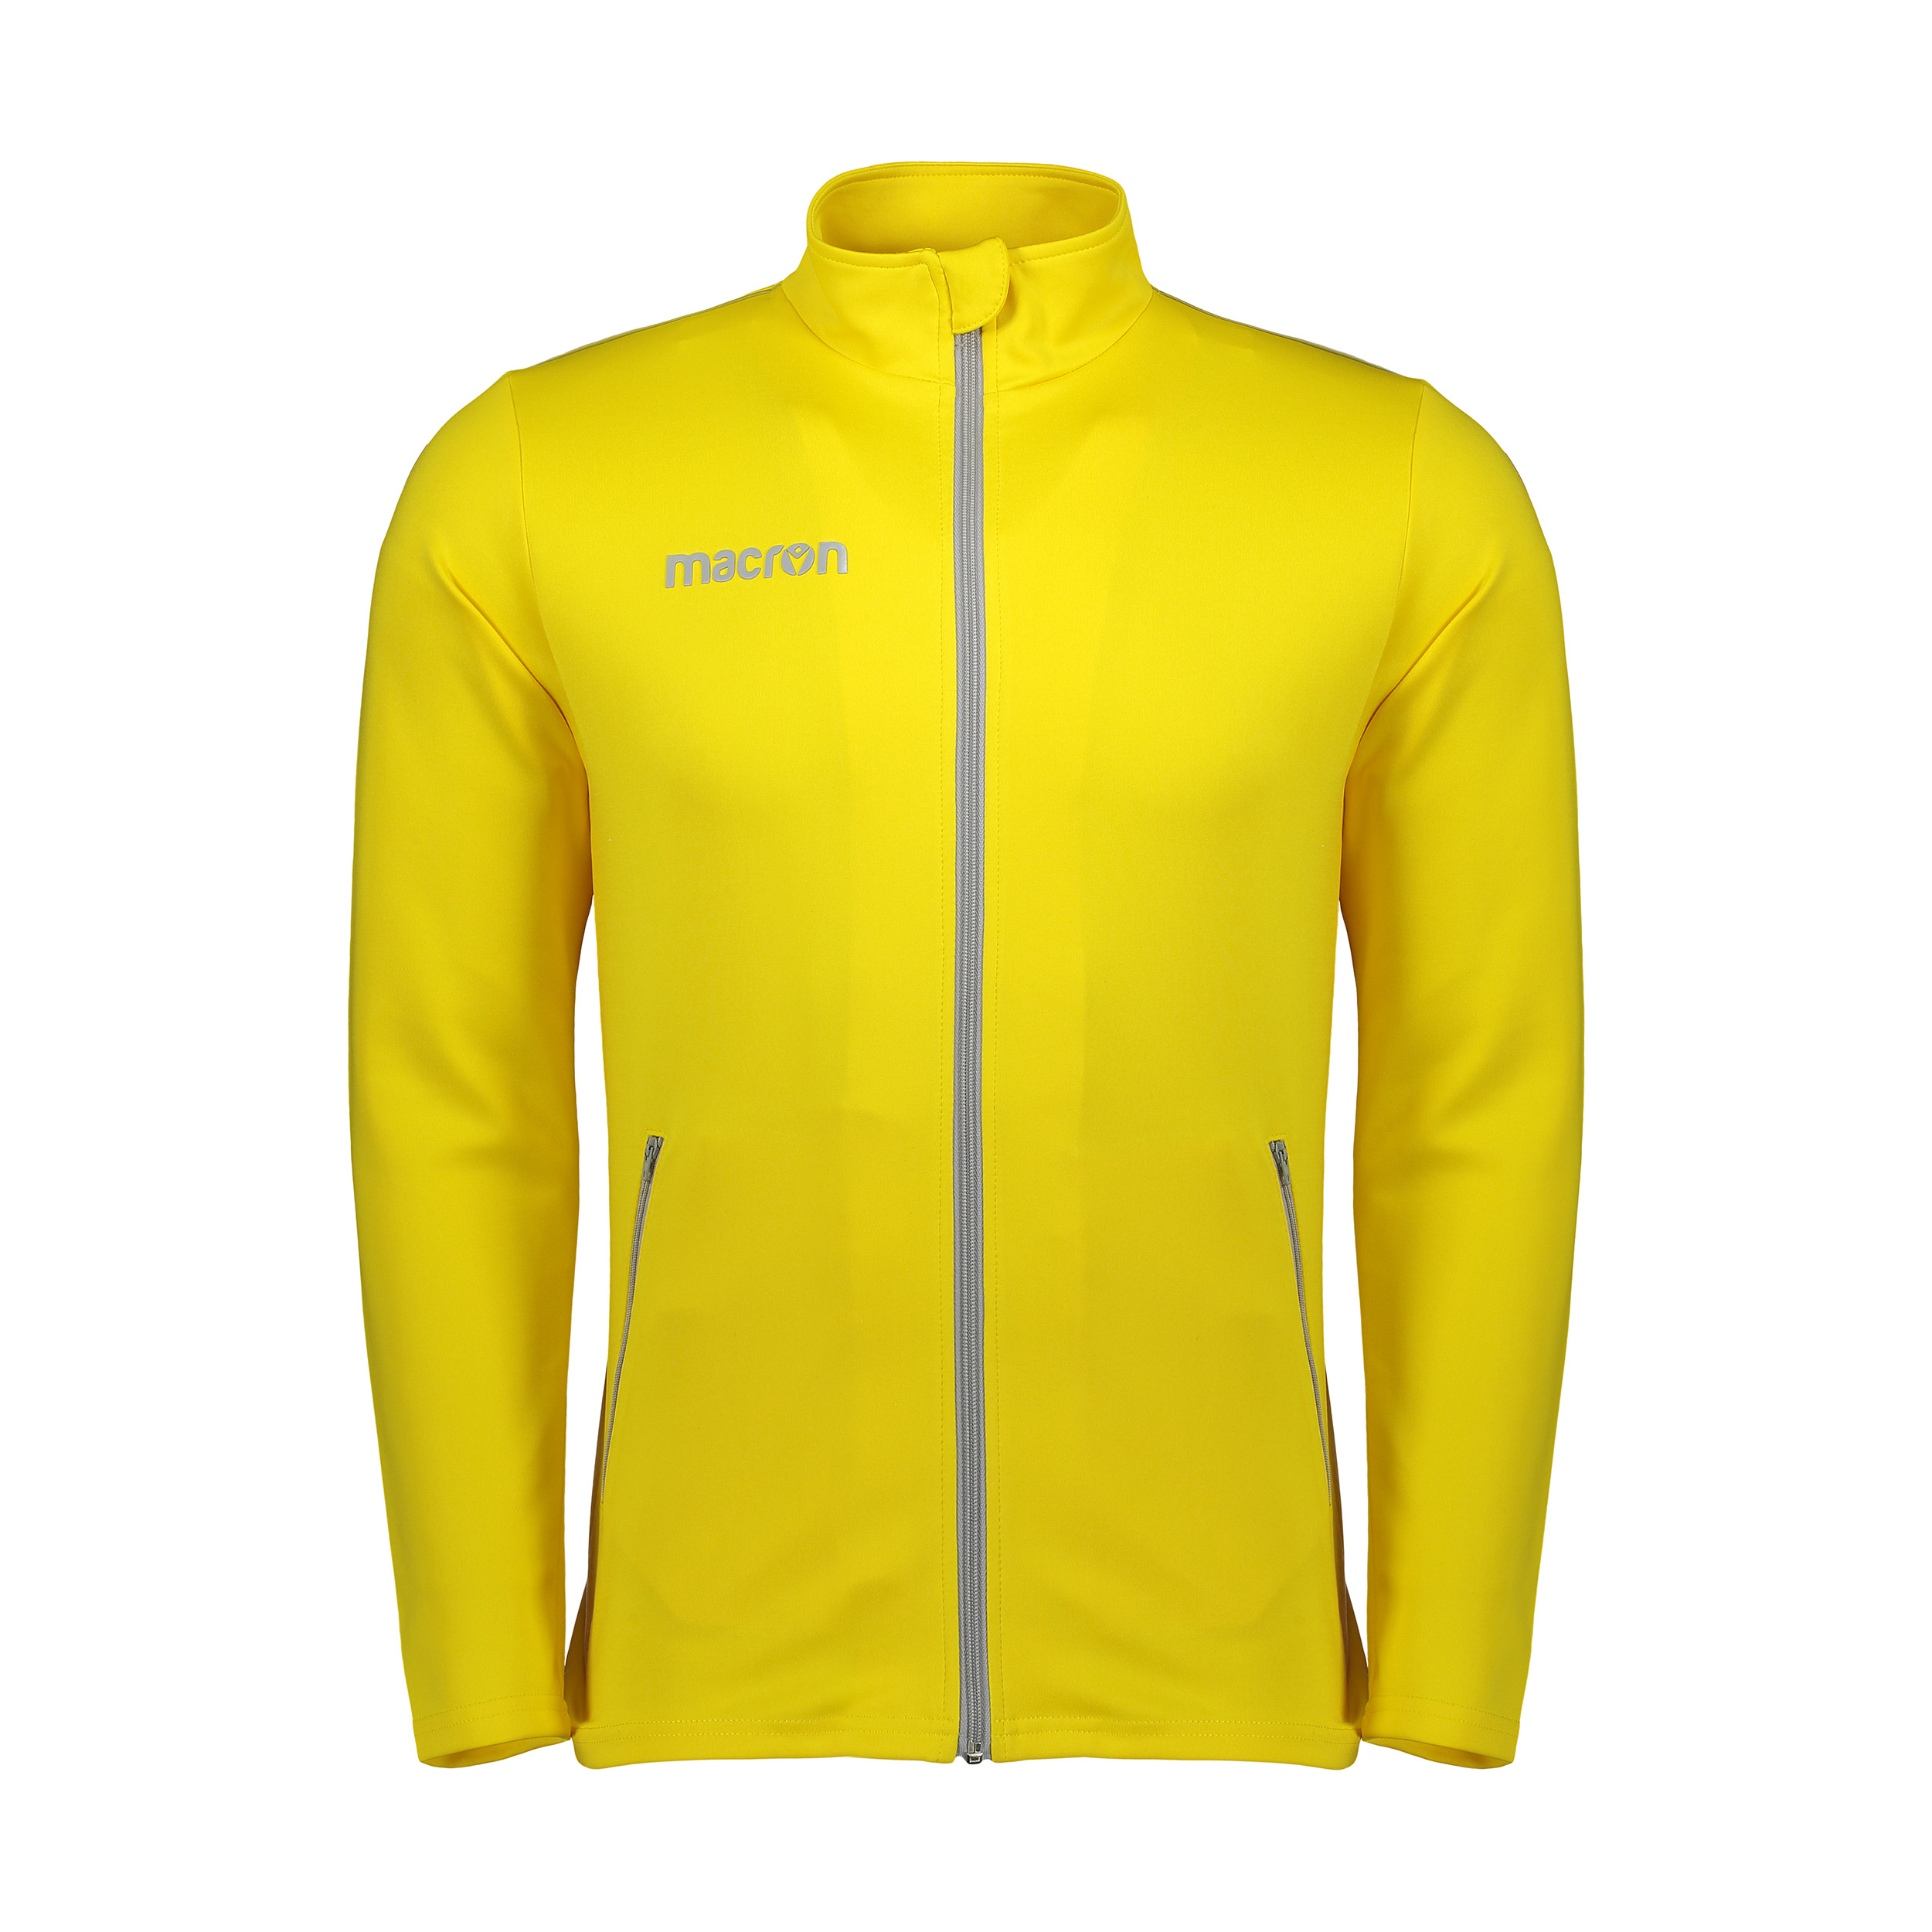 ست سویشرت و شلوار ورزشی مردانه مدل نمسیس رنگ زرد